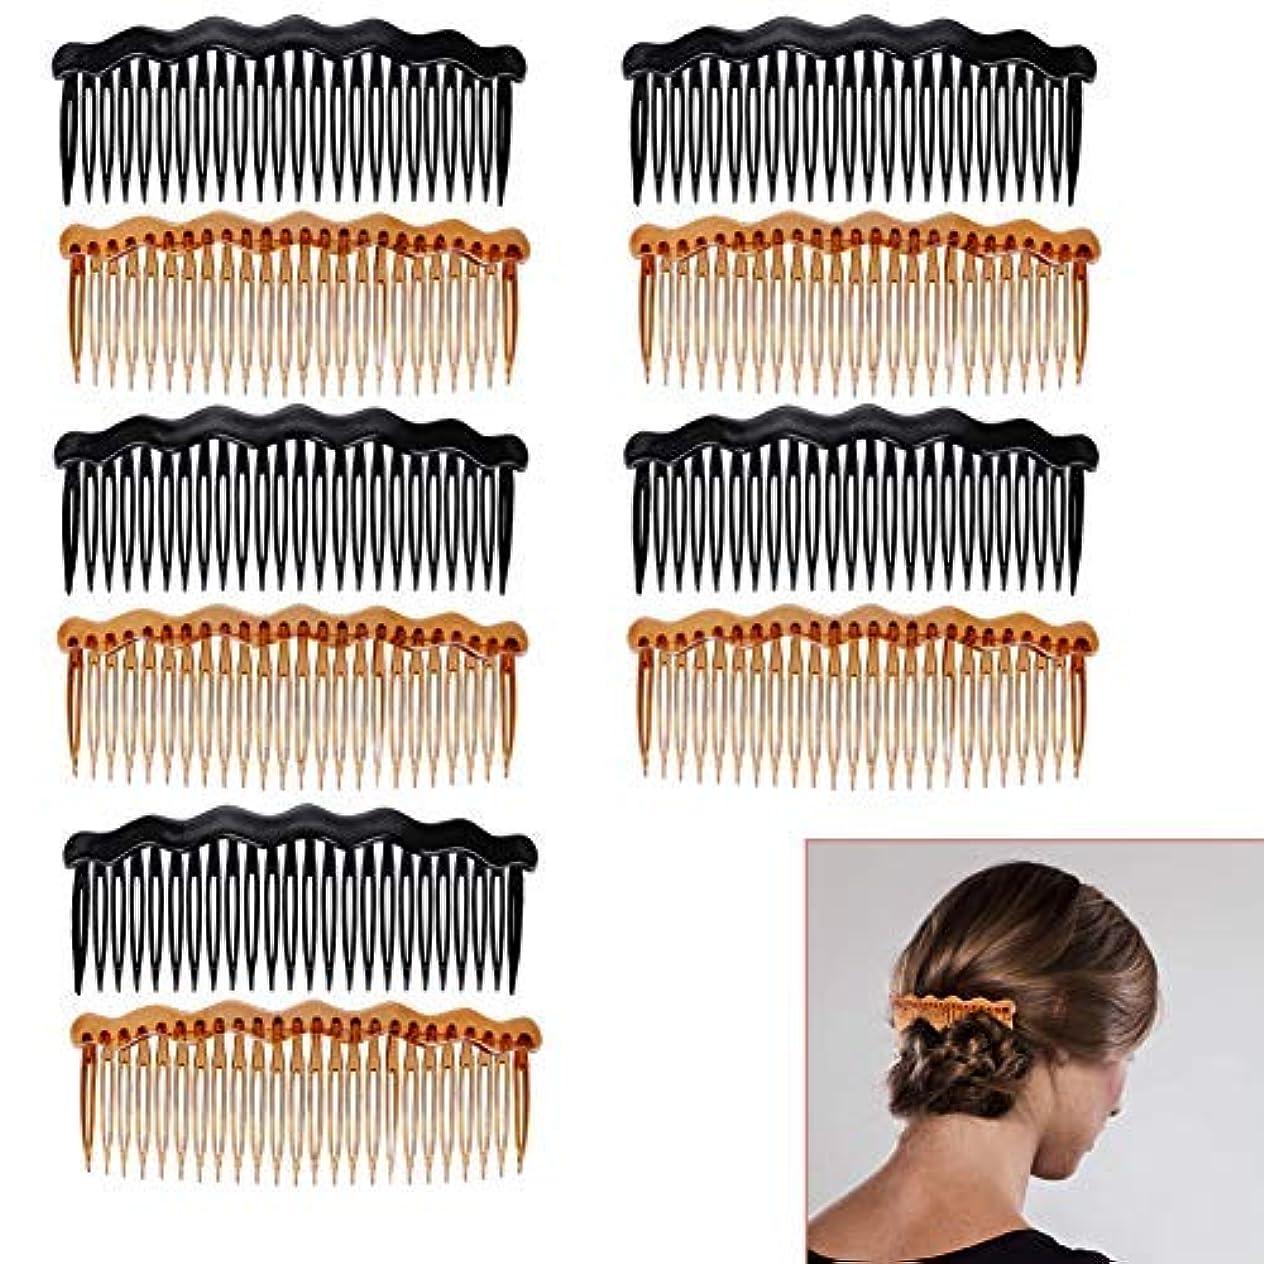 悪い安定しました収まるLuckycivia 10Pcs Plastic French Twist Comb, Side Hair Combs with 24 Teeth Hair Comb for Fine Hair,Hair Combs Accessories...